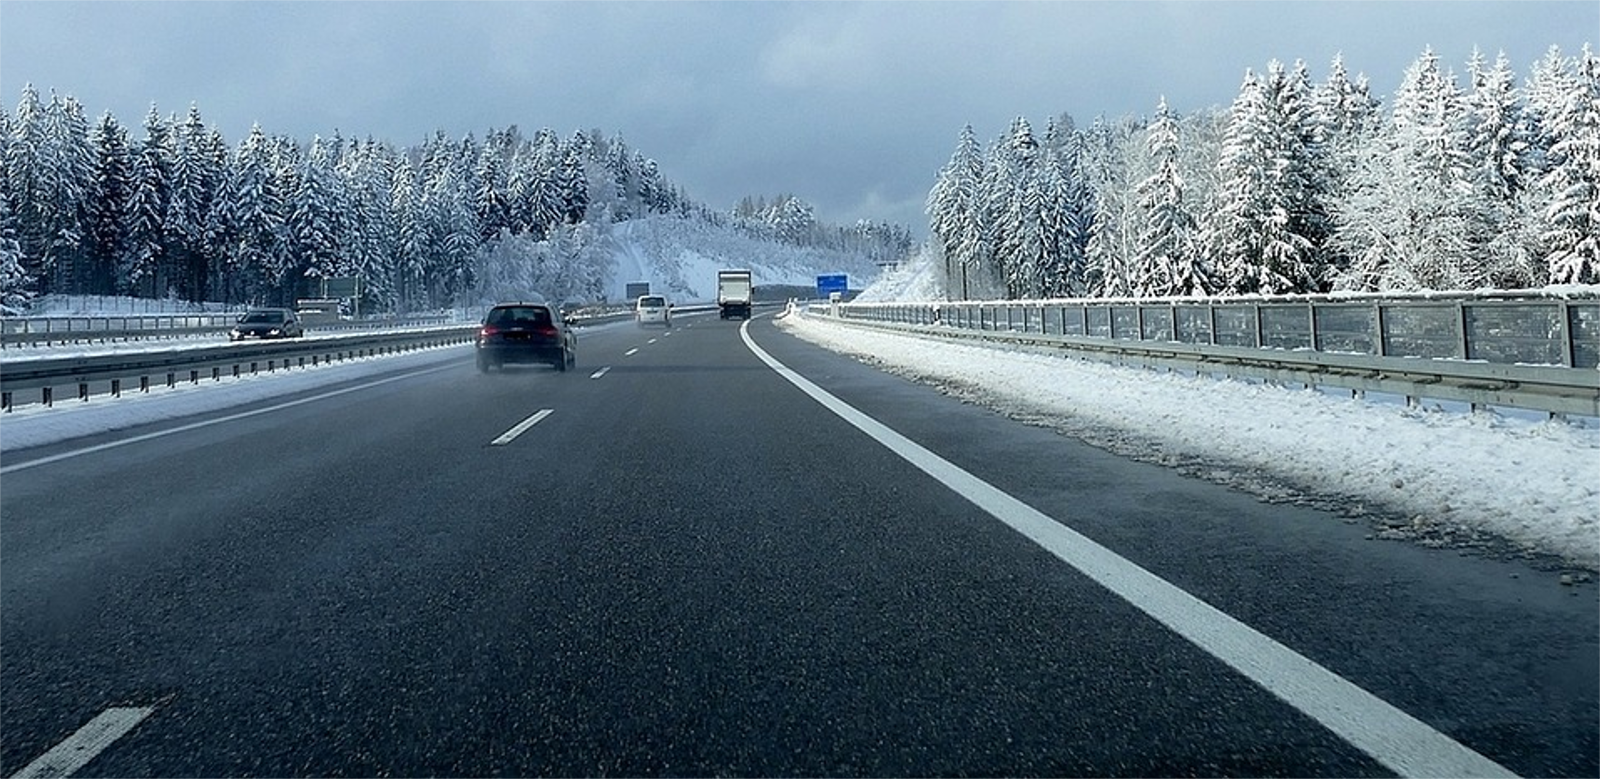 carretera con un coche y nieve alrededor